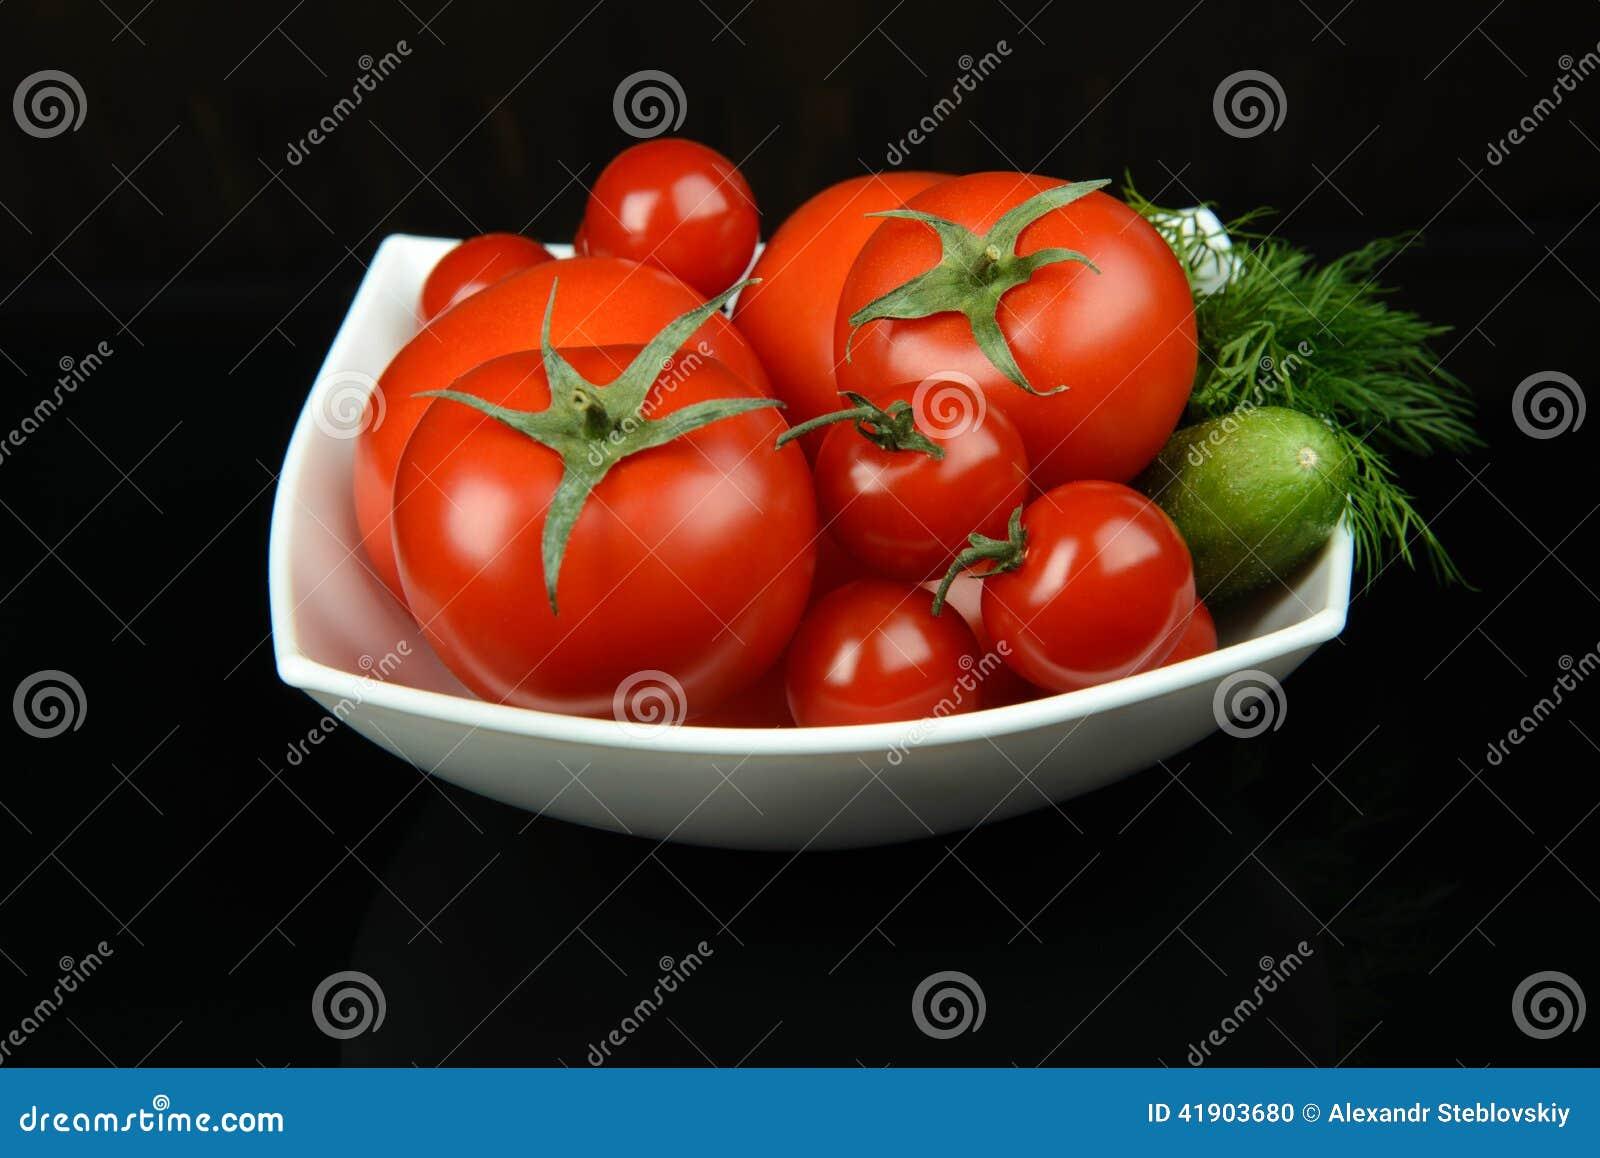 Tomates y verdor